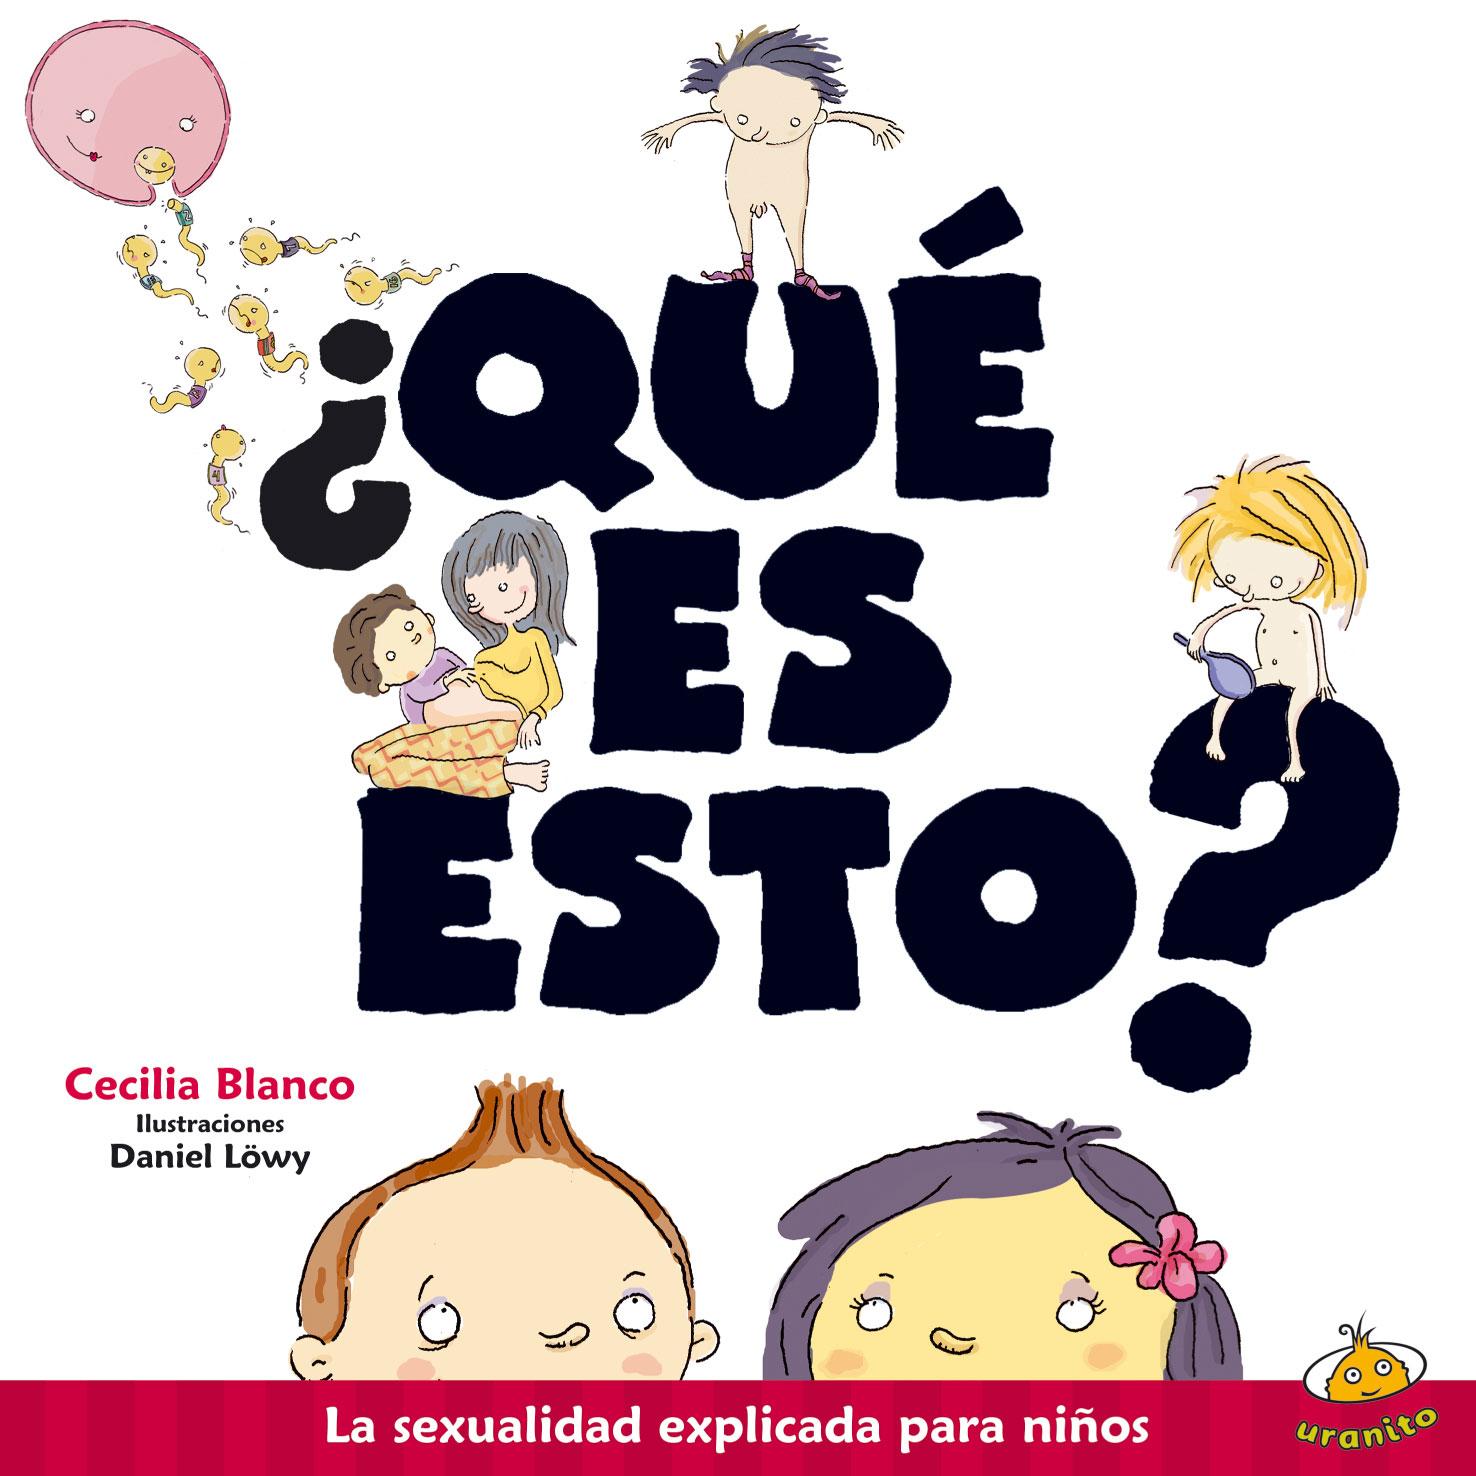 Resultado de imagen para BLANCO, Cecilia. ¿Qué es esto? La sexualidad explicada para niños, ilustrado por Daniel Löwy, Buenos Aires, Uranito, 2018. (Literatura Infantil Argentina)